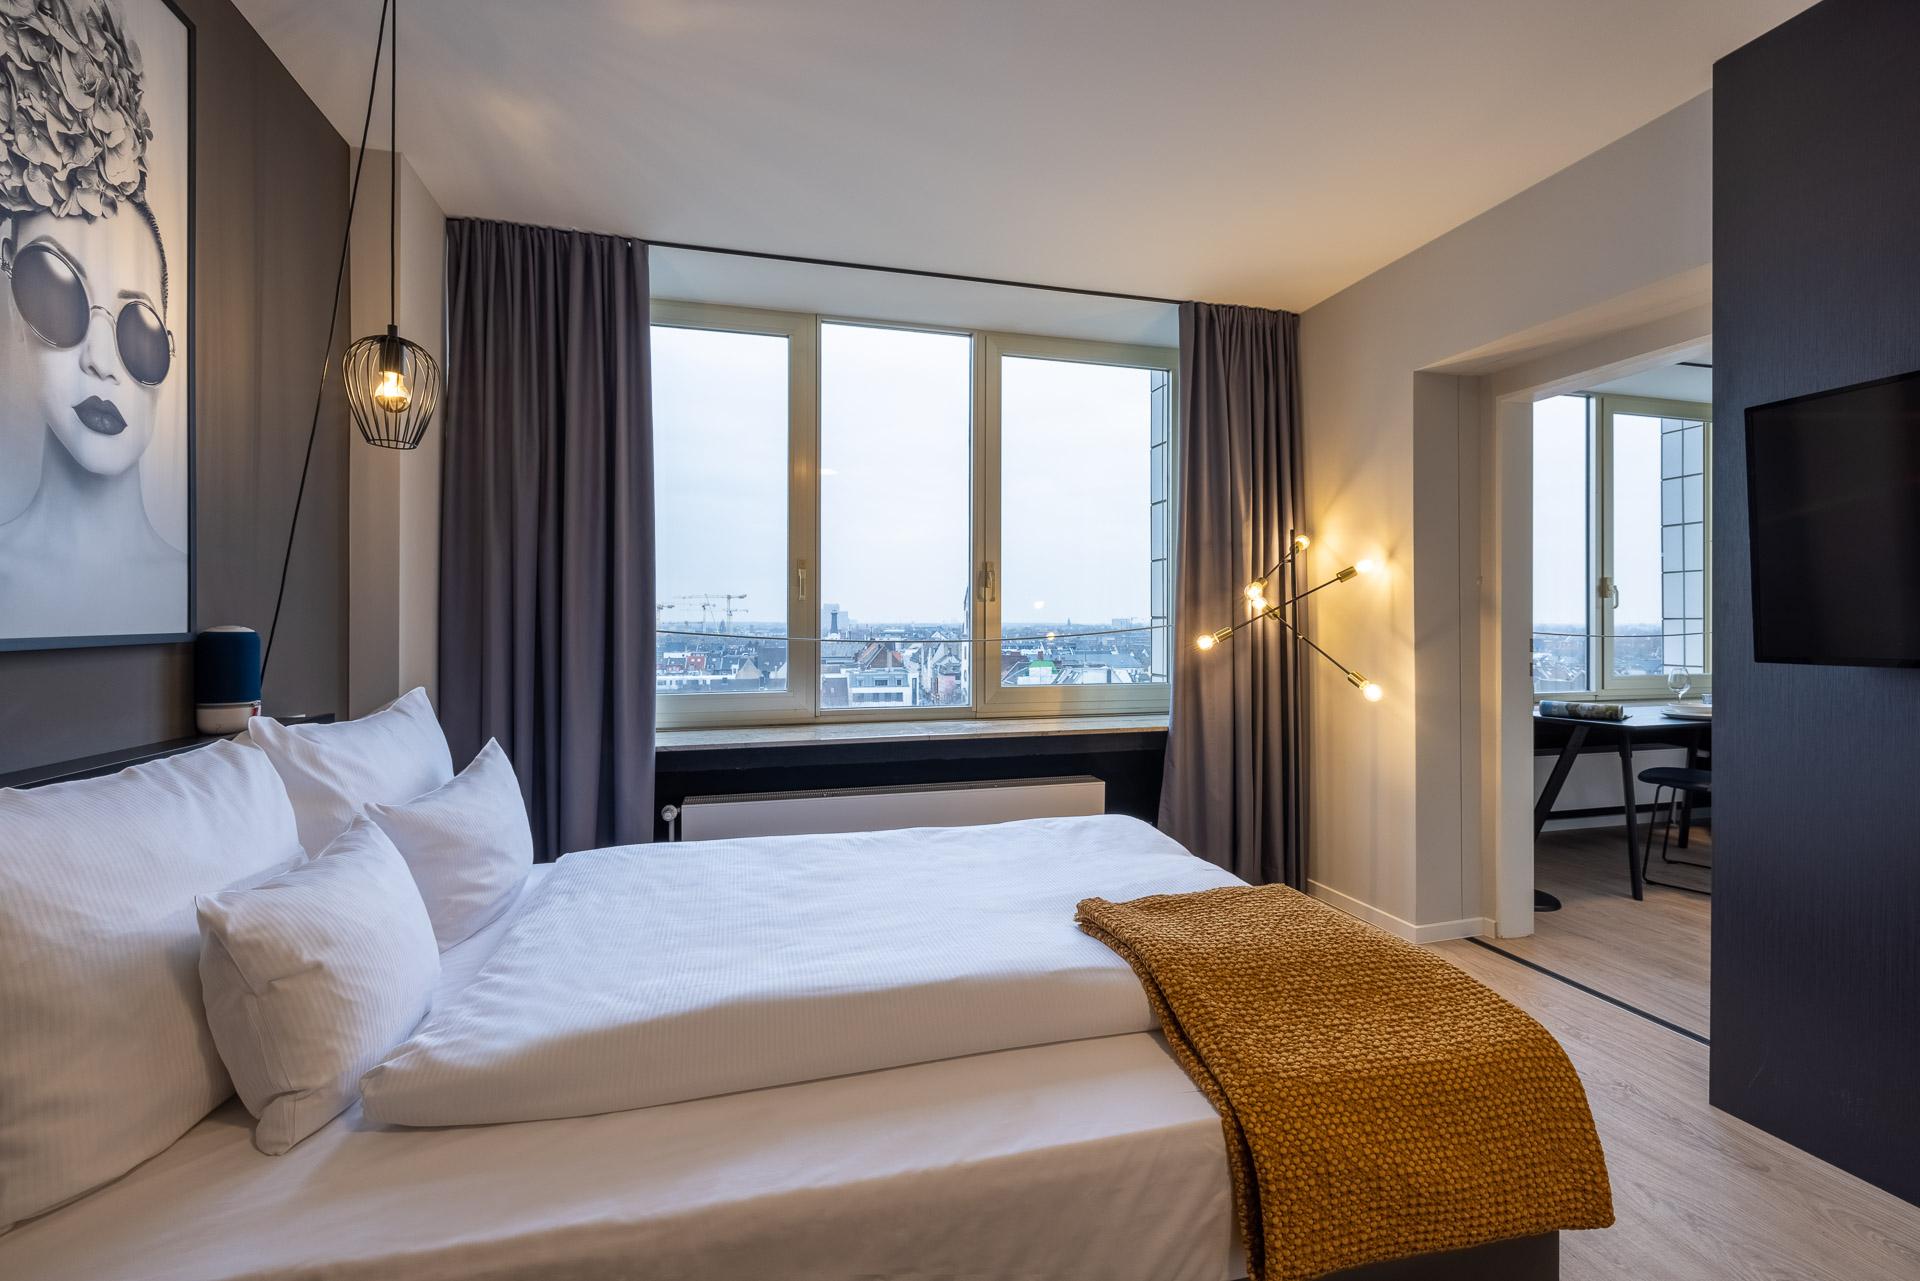 Blick auf Bett im Studio Apartment mit Skyline von Köln im Hintergrund